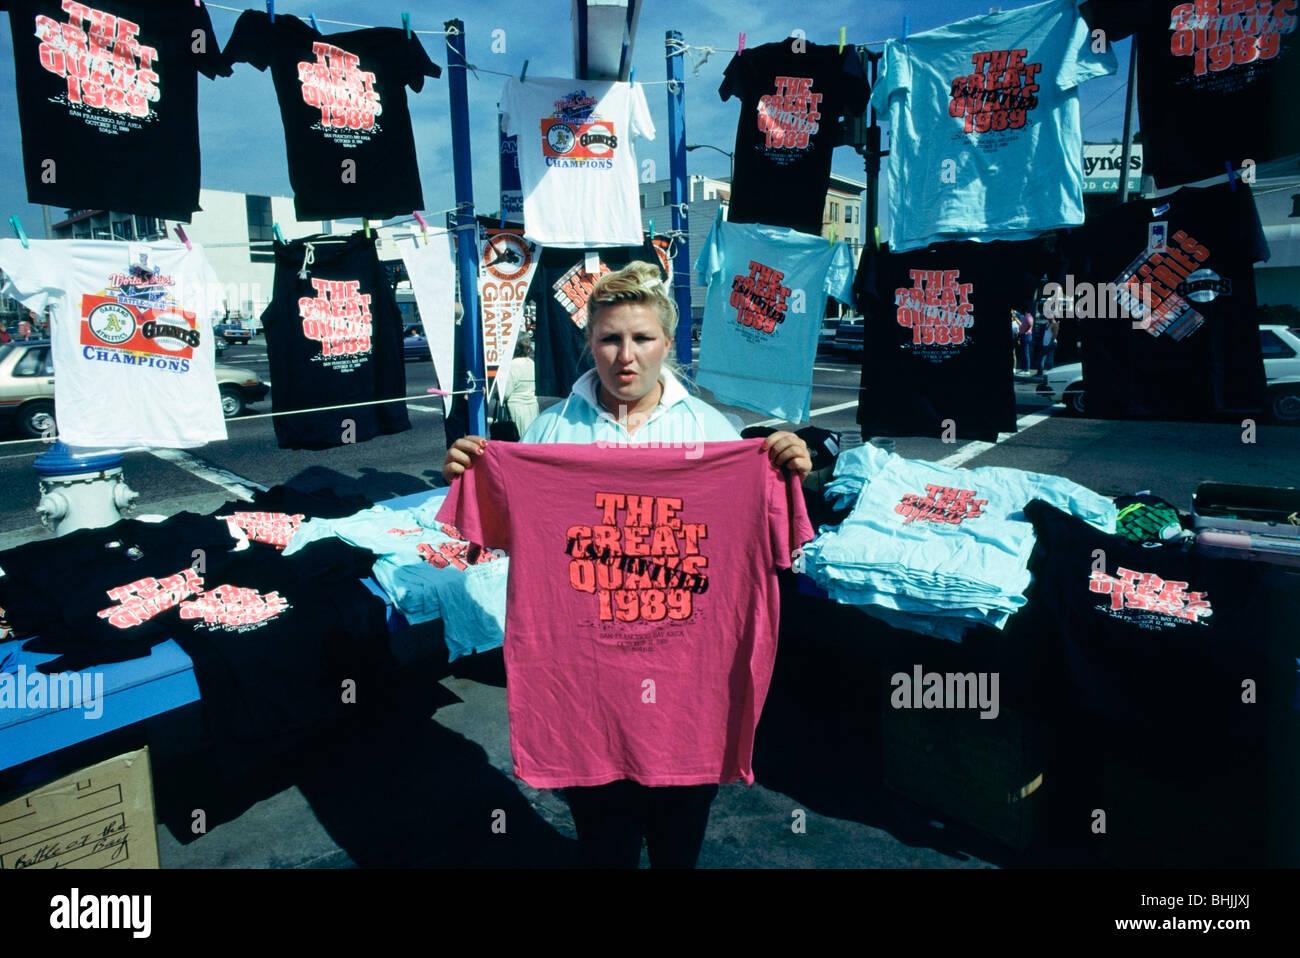 Femme vendant des t-shirts souvenirs dans le quartier du port de plaisance après le tremblement de terre de Photo Stock